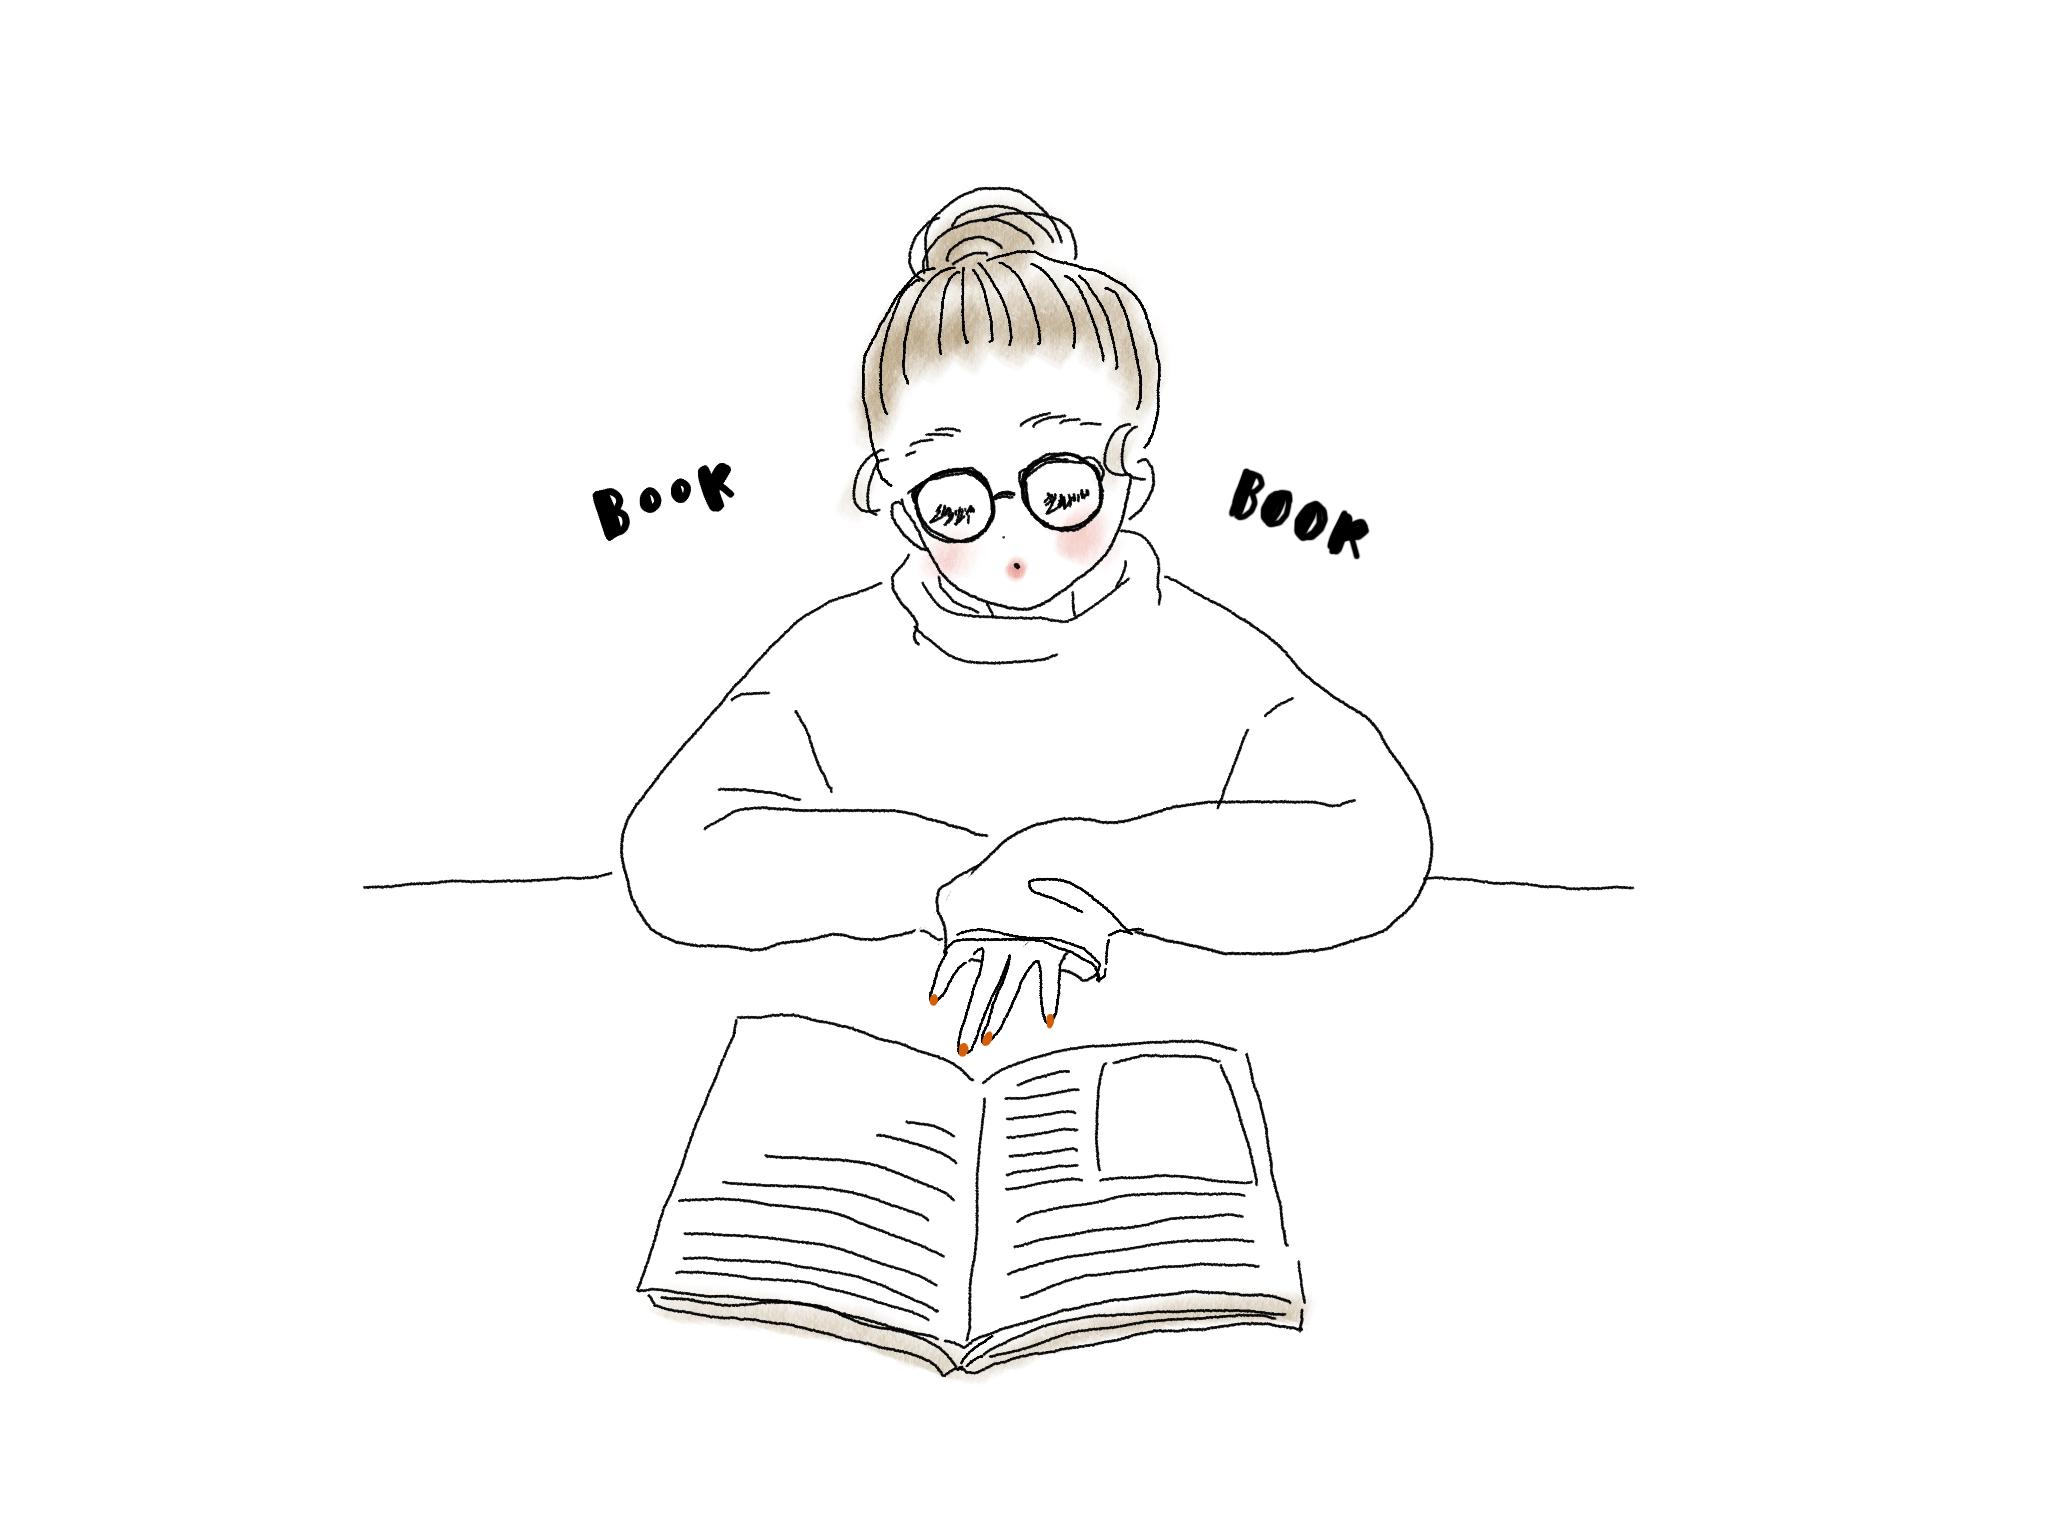 今読んでいる本→『かわいい見聞録』益田ミリ